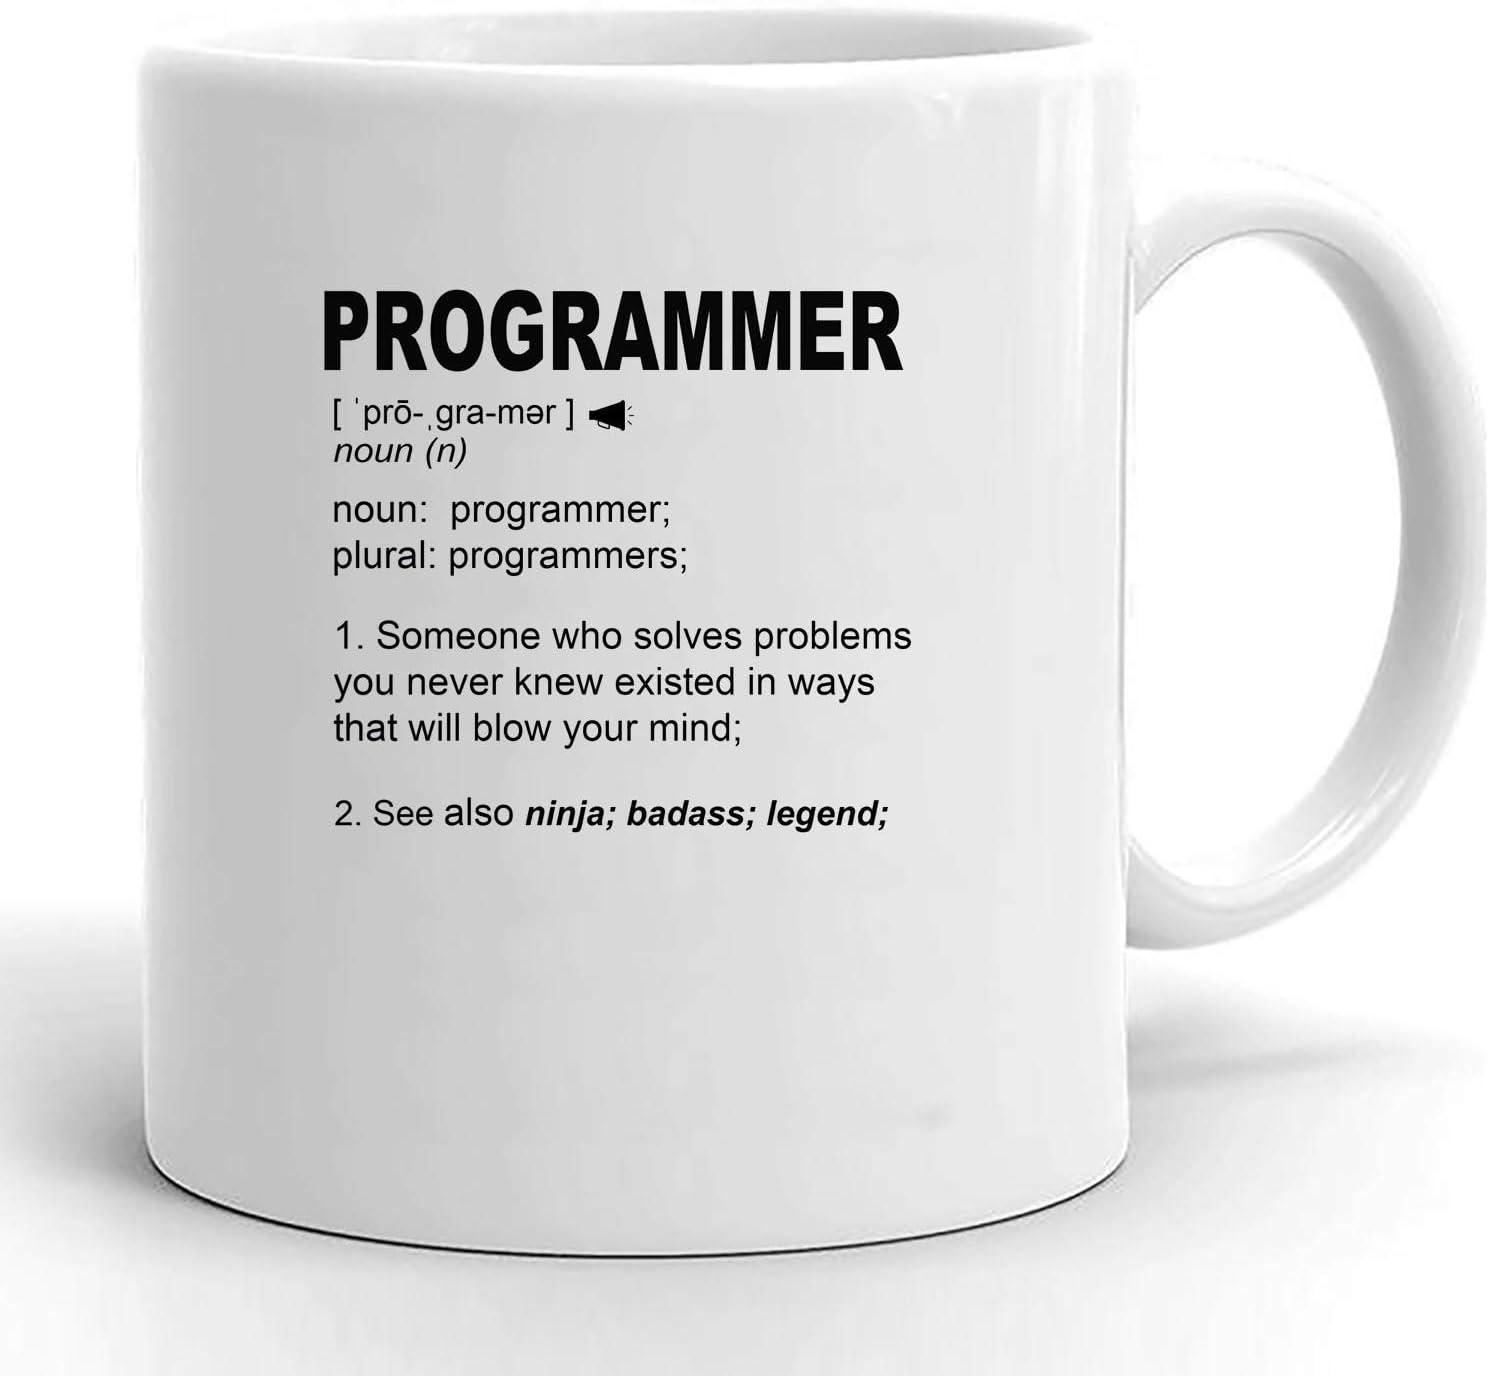 N\A Regalos de Programador informático para Hombres y Mujeres, Regalos de graduación universitaria para programadores, Divertida Taza de café con Nombre Personalizado